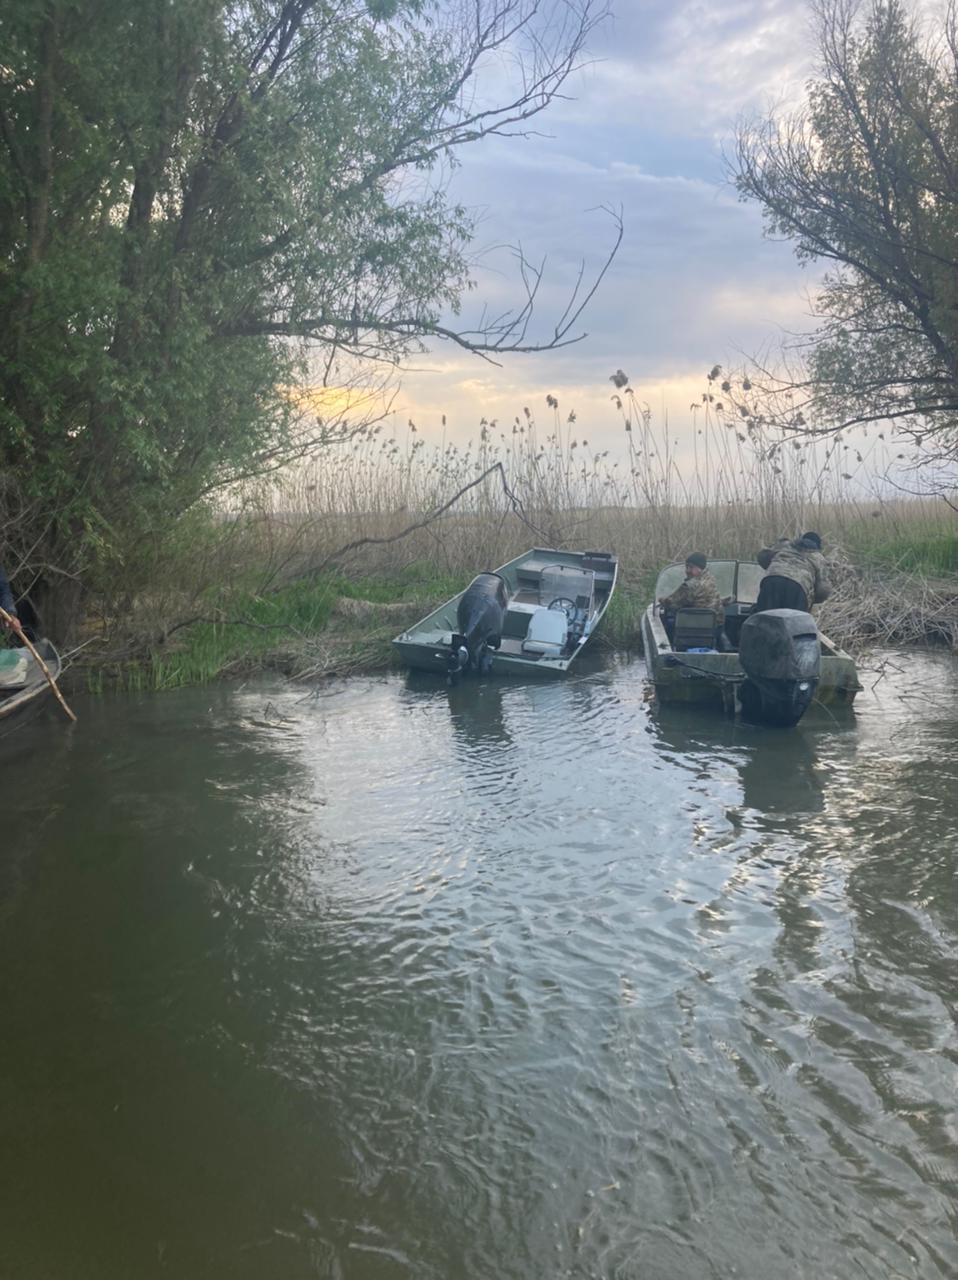 Утонул катер пограничников. Трое военнослужащих спаслись, поиски четвертого продолжаются (видео, фото)